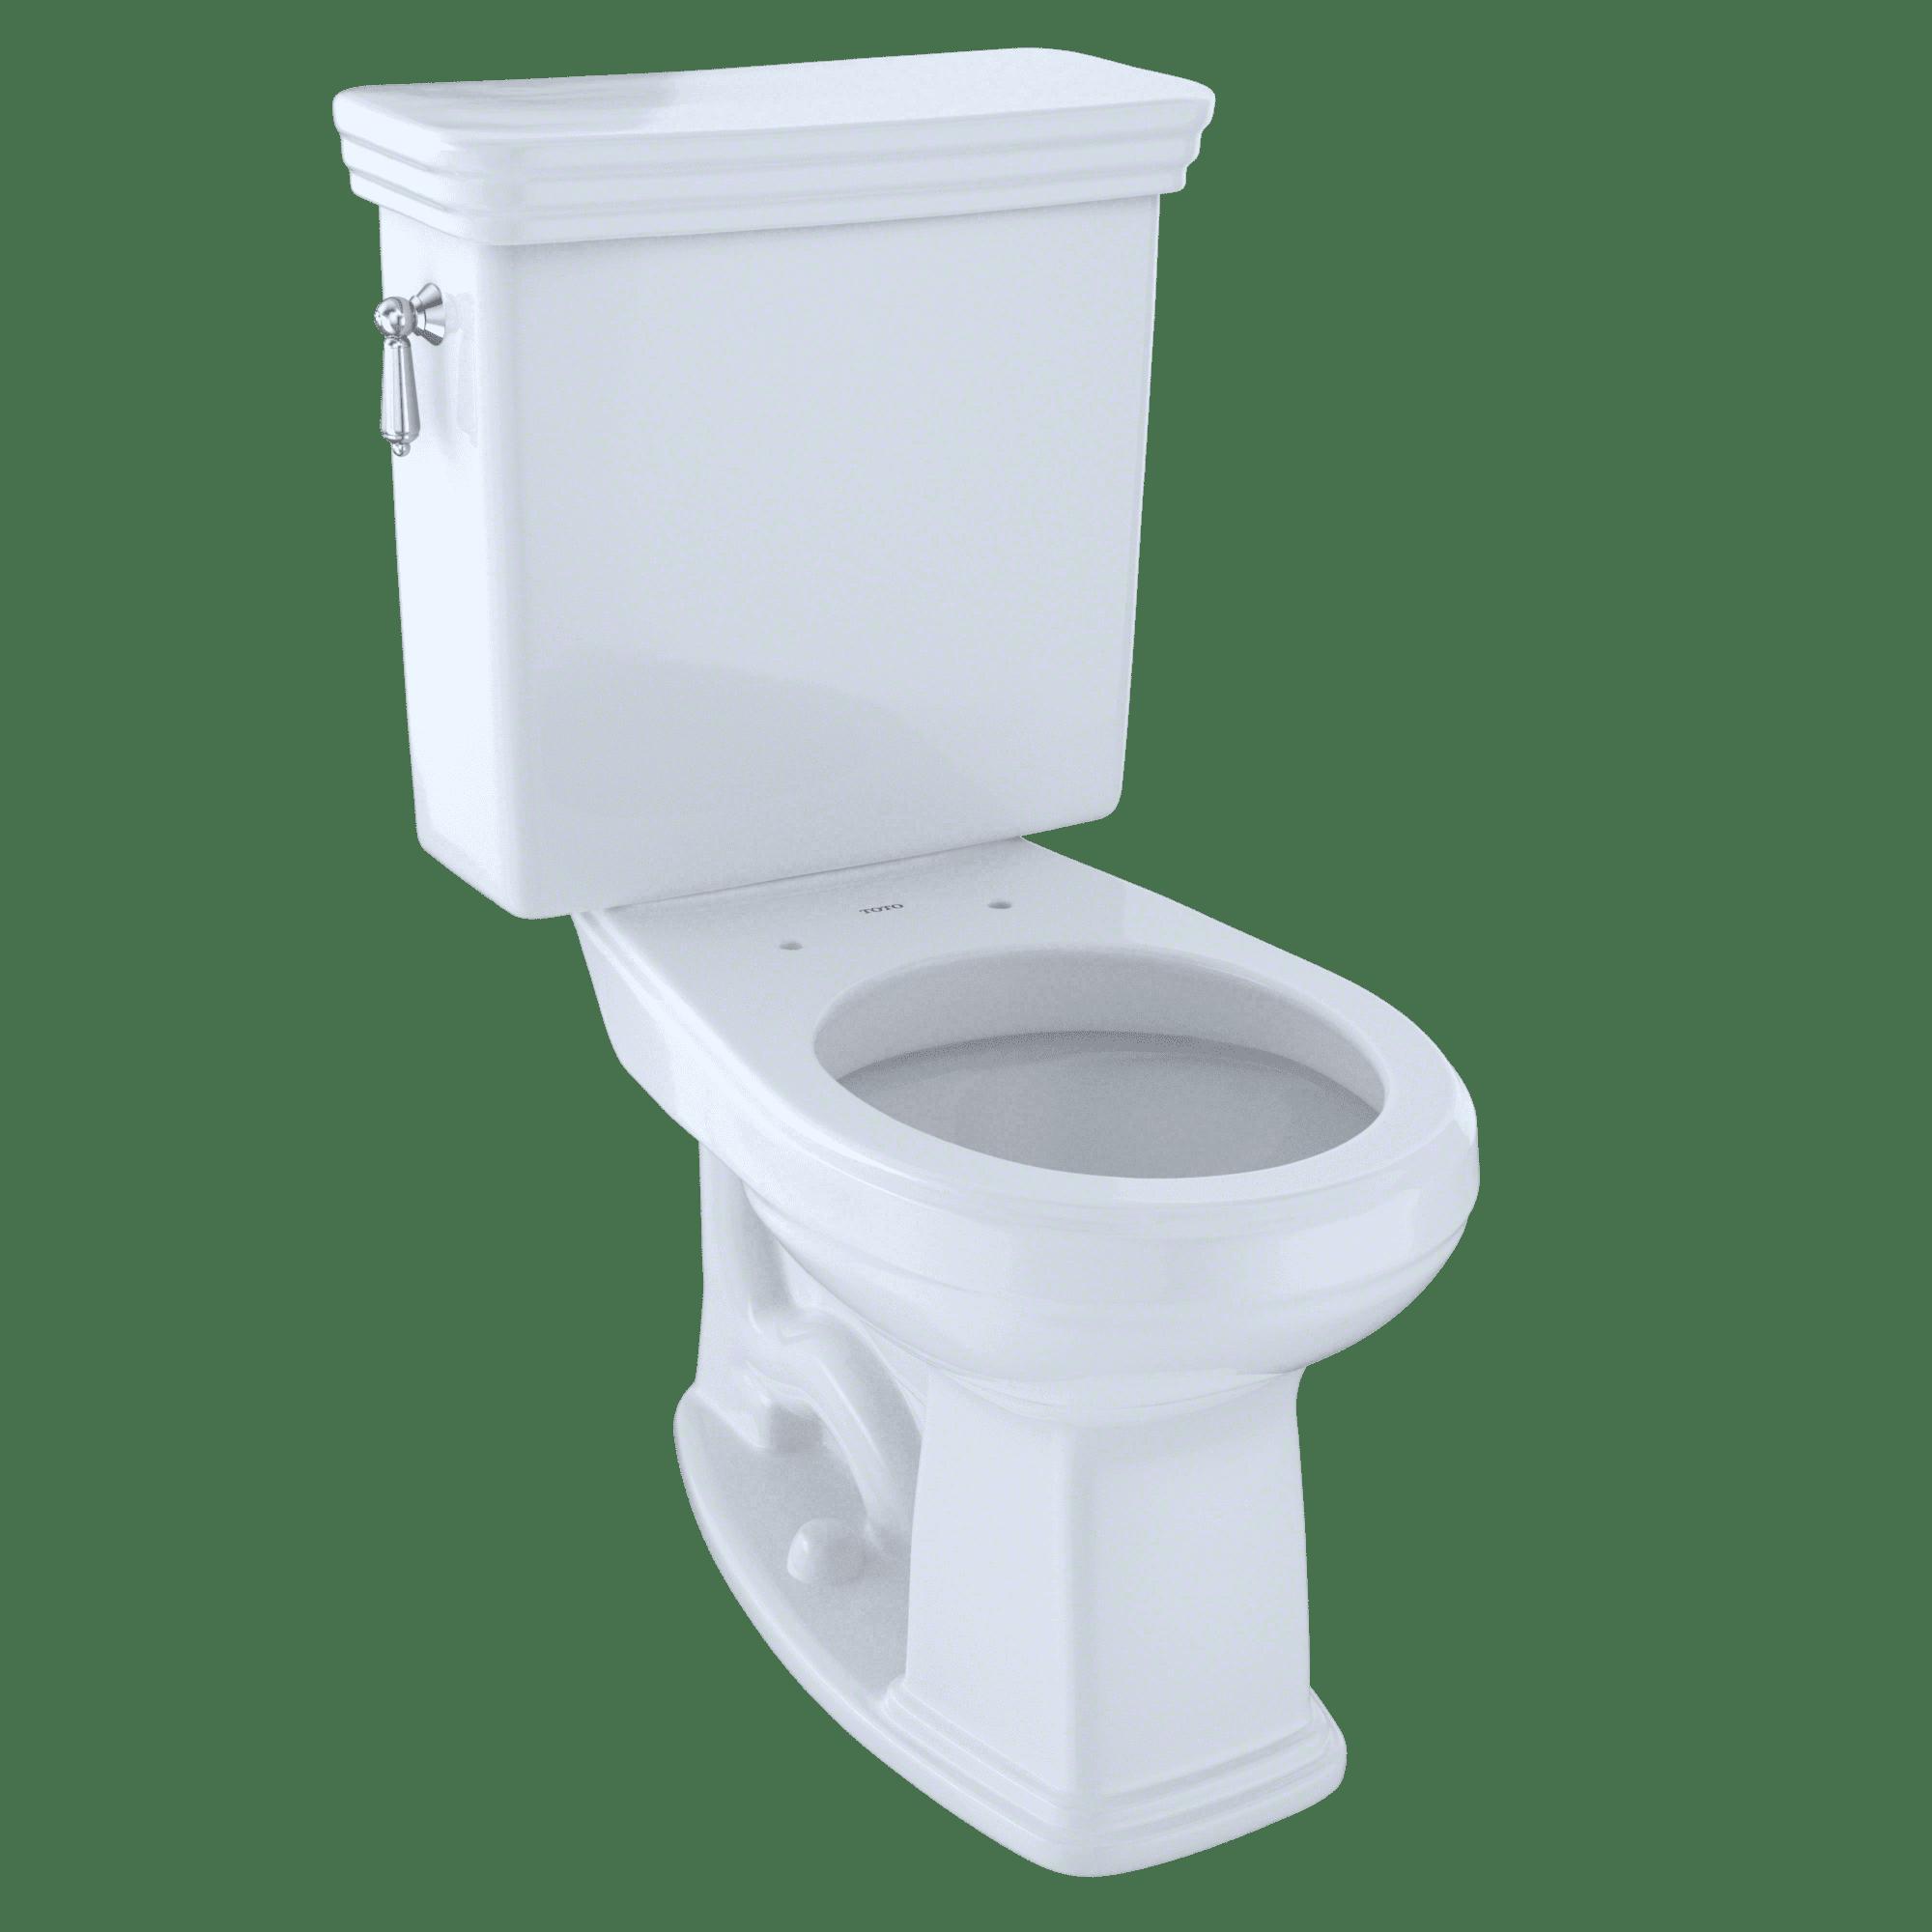 TOTO® Promenade® Two-Piece Round 1.6 GPF Universal Height Toilet, Cotton White - CST423SF#01